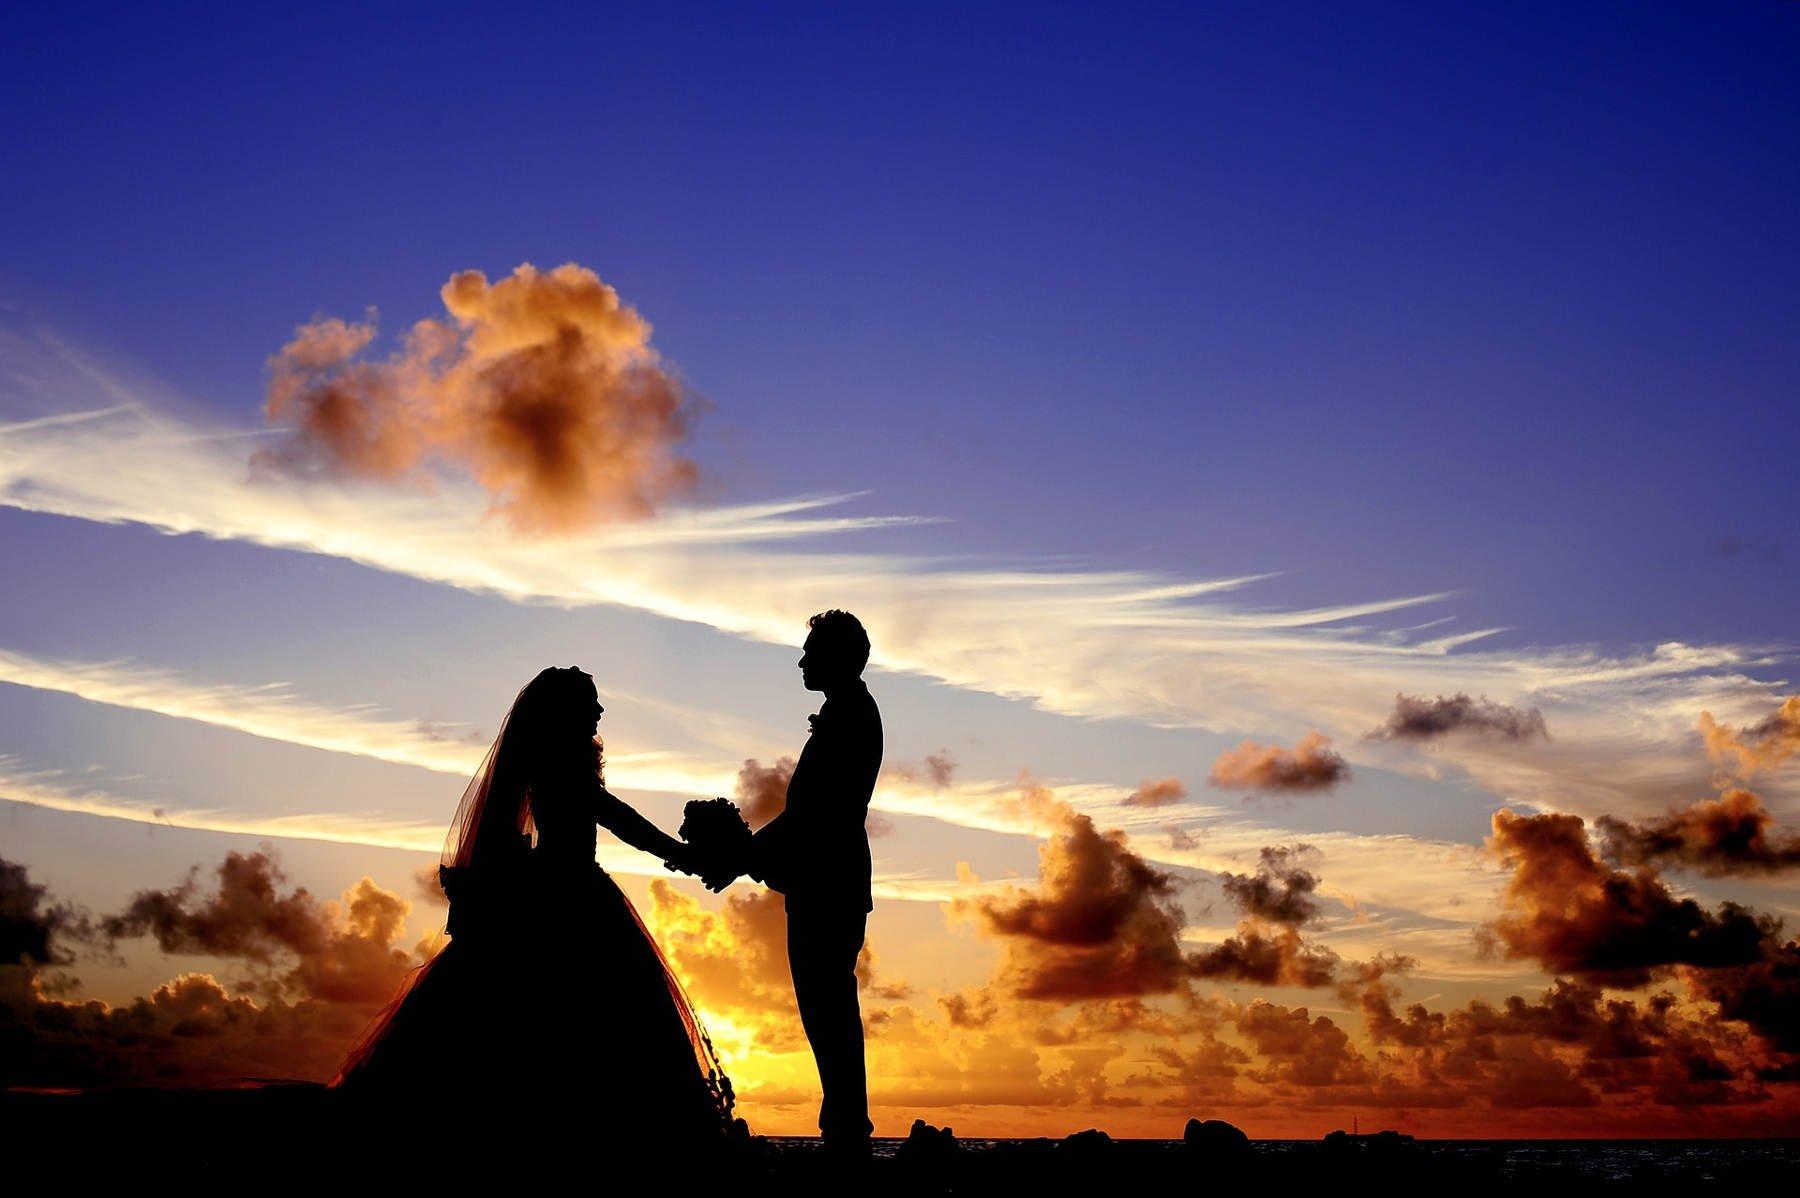 matrimonio senza incontri Sub Indo